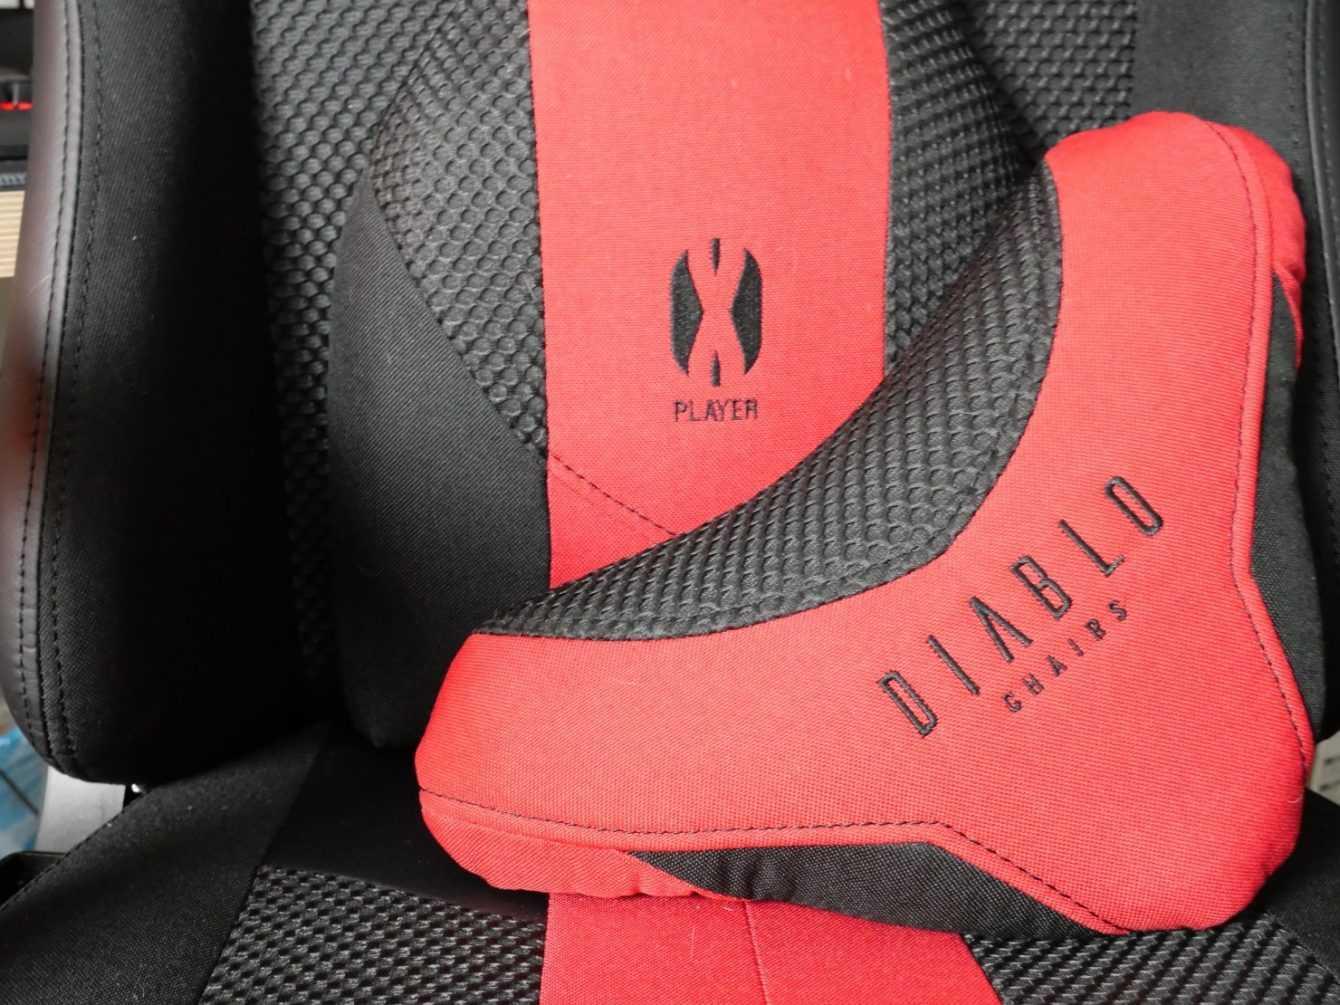 Recensione Diablo X-Player 2.0: la sedia da gaming di Diablo Chairs indiavolata